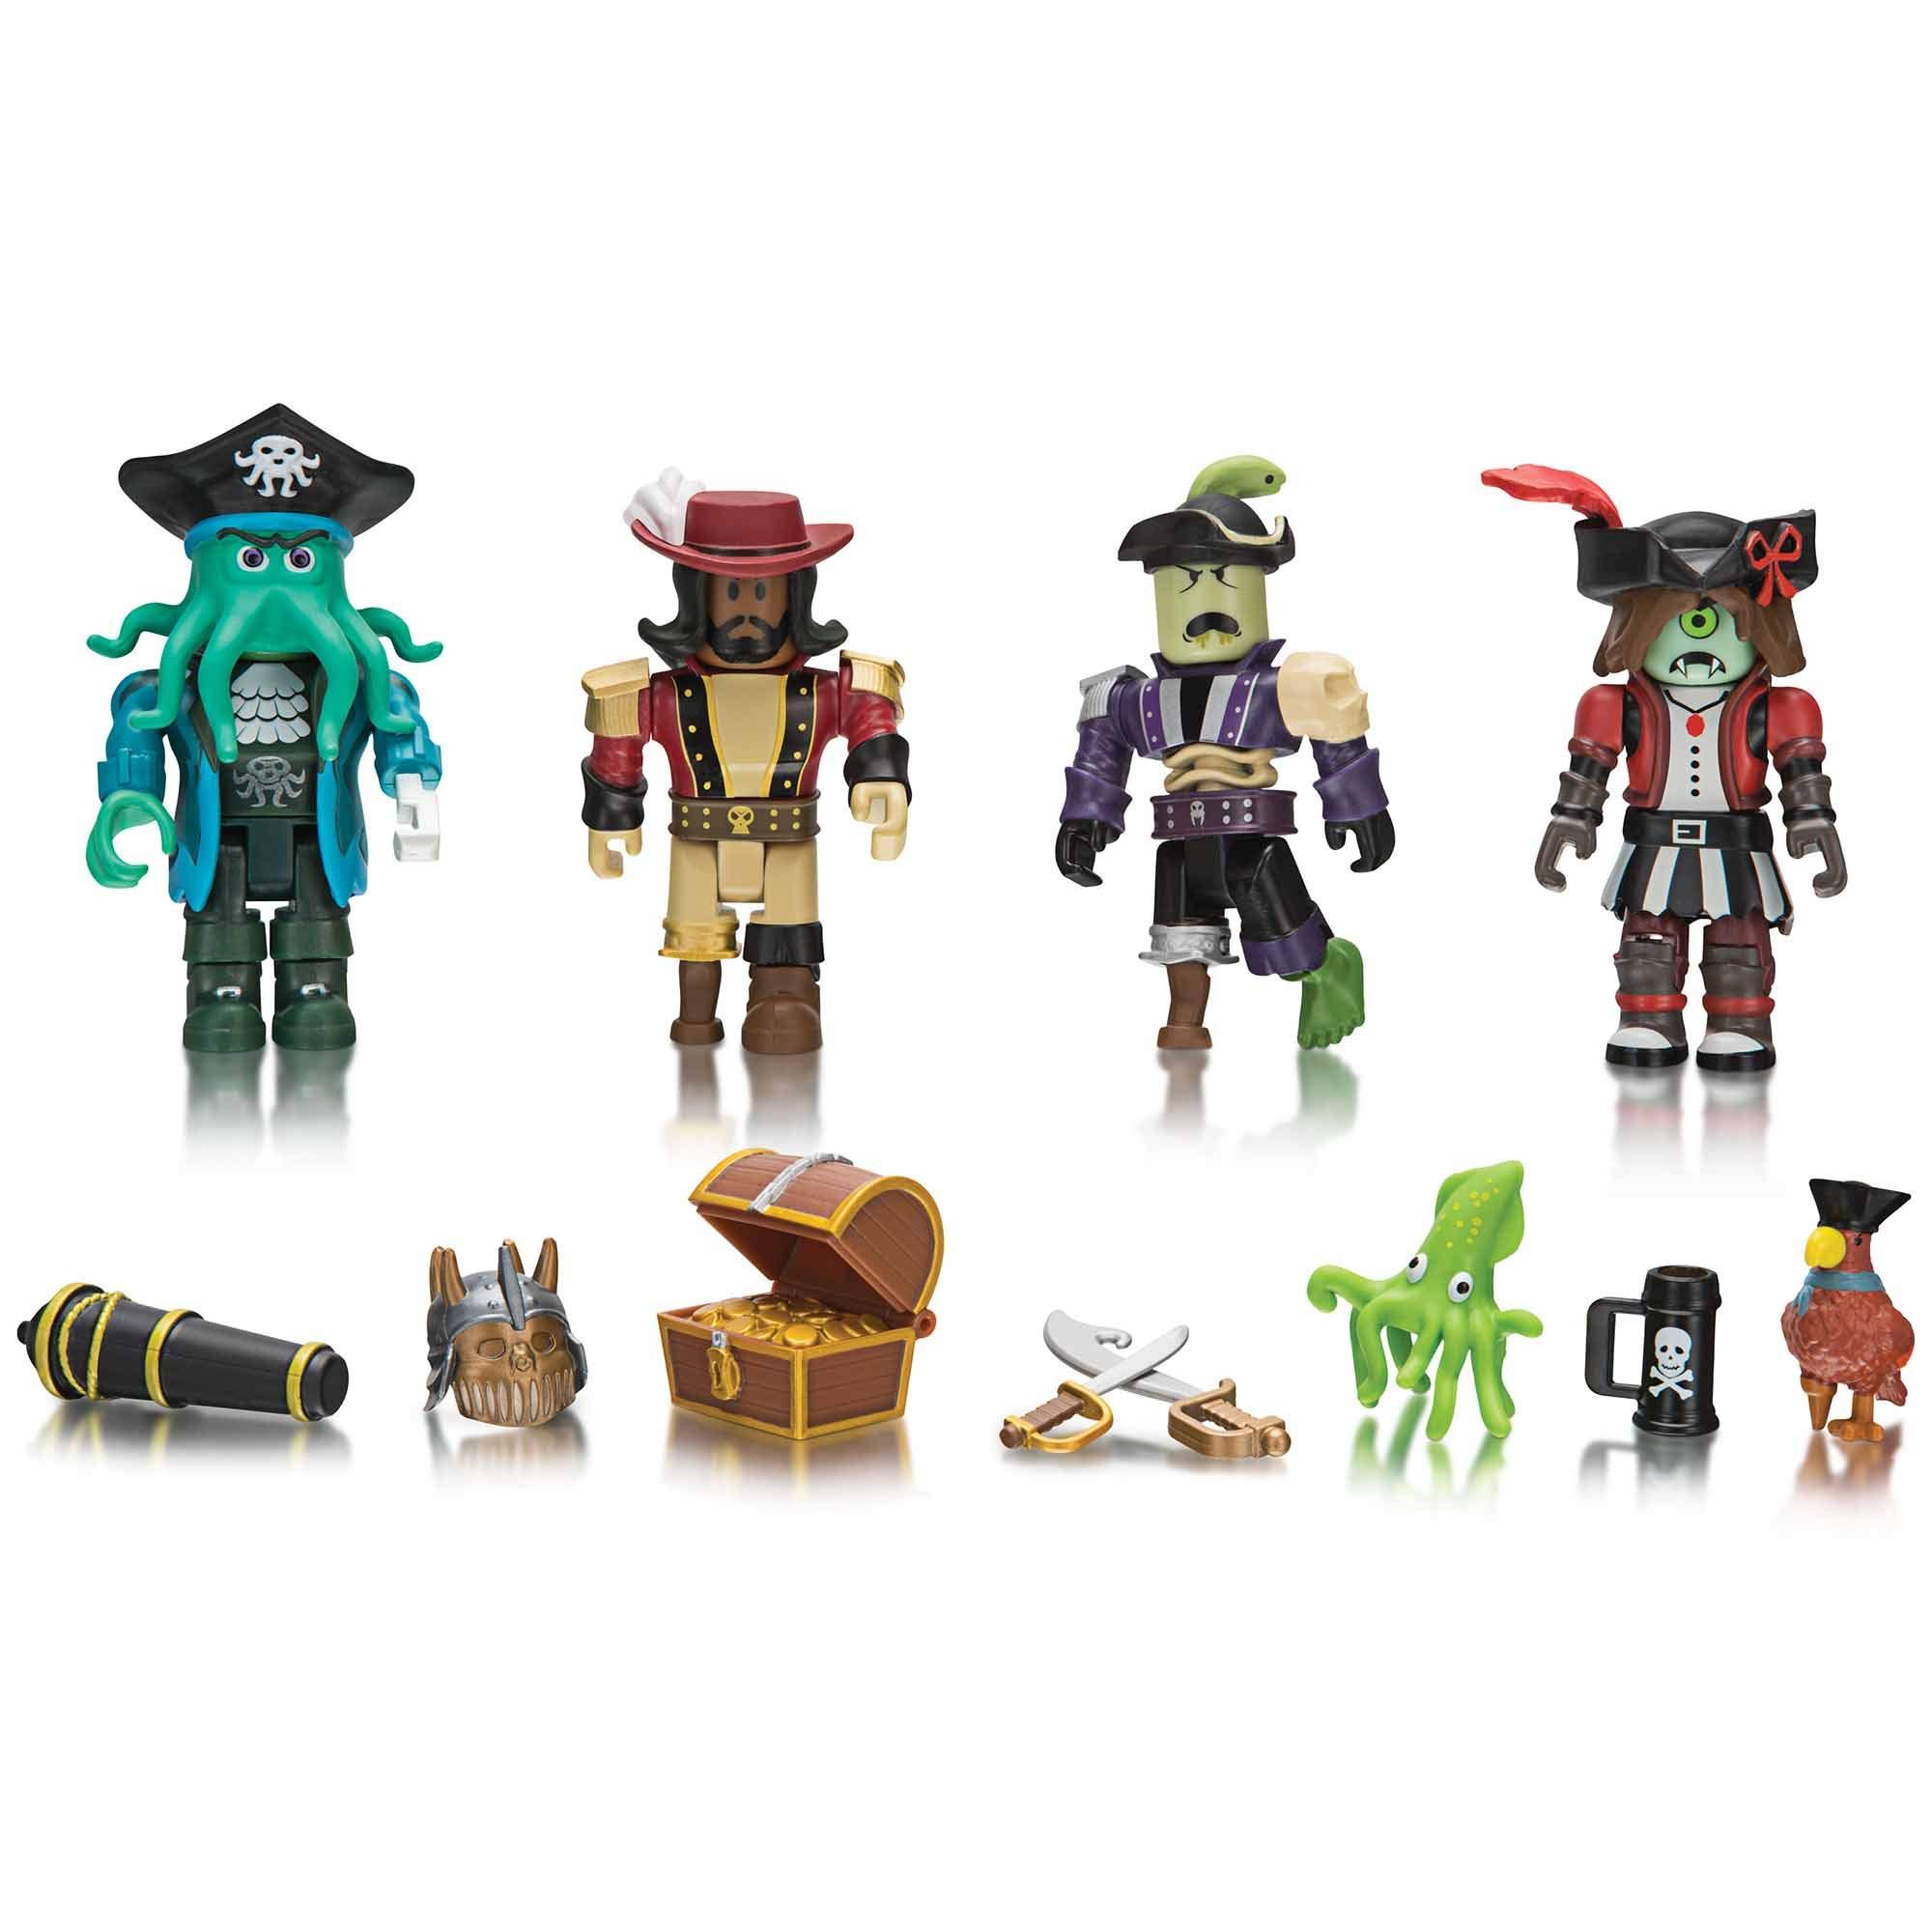 Amazon Com Roblox Queen Of The Treelands Figure Pack Toys Games Amazon Com Roblox Toys